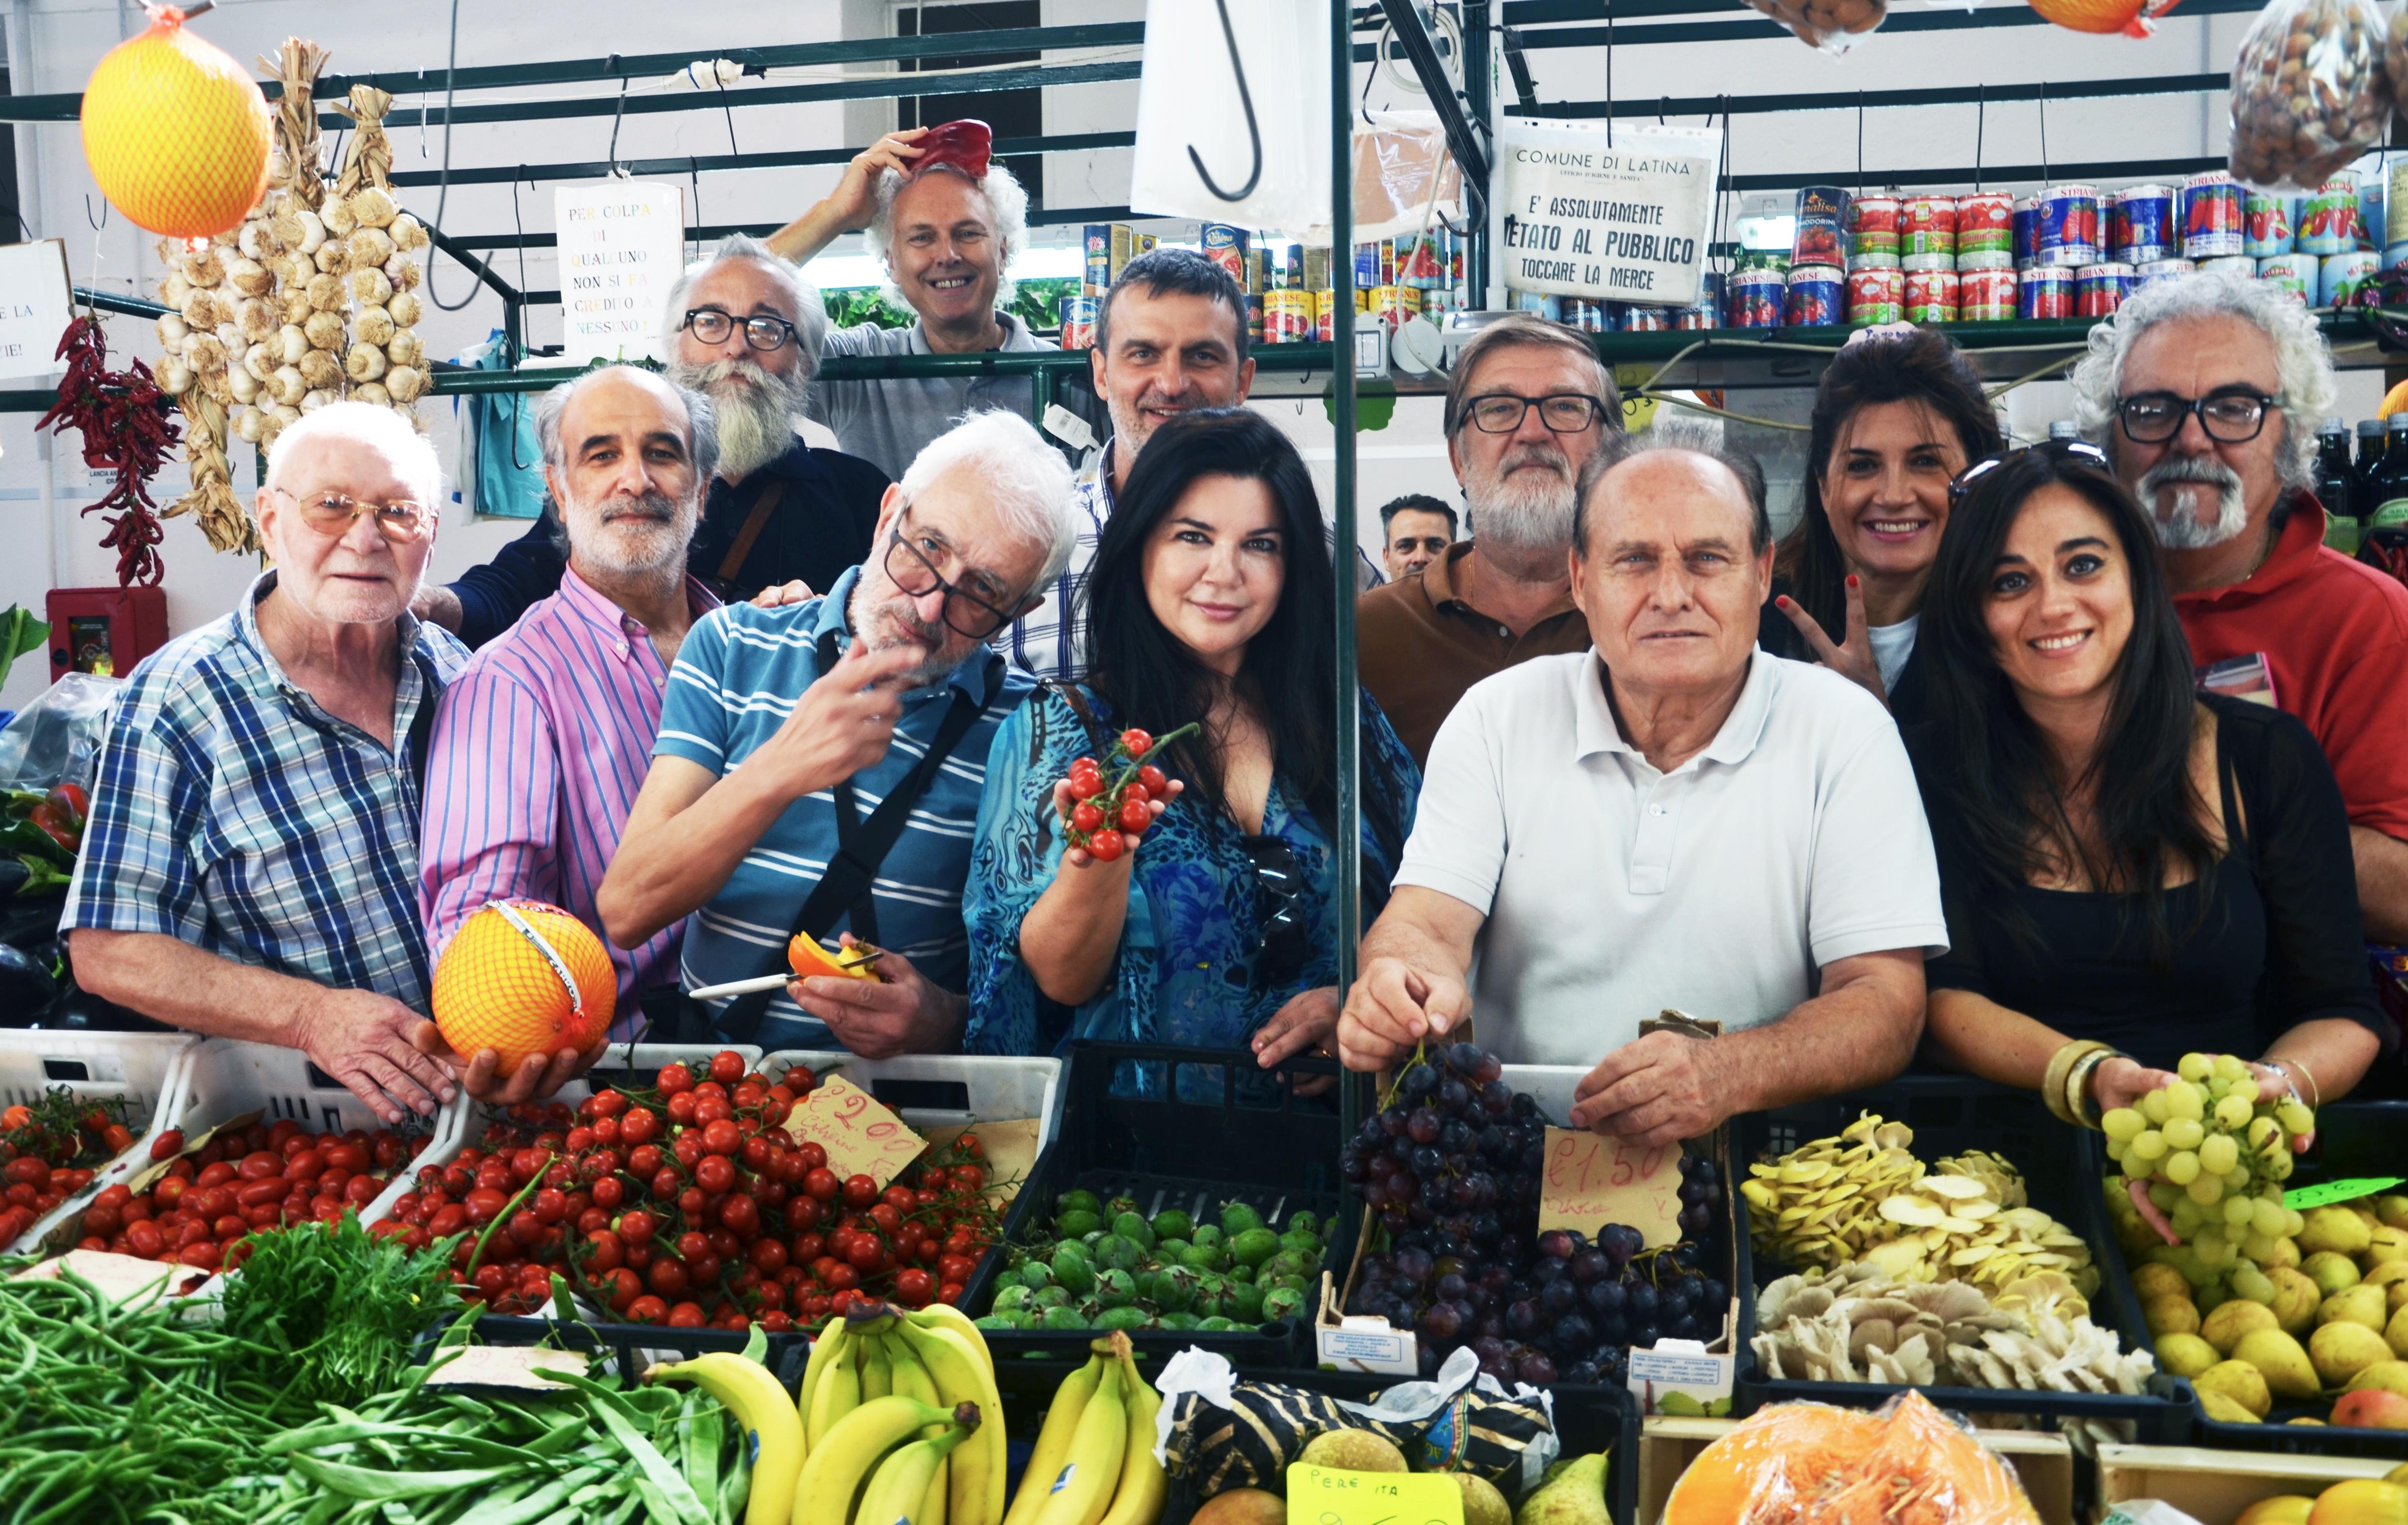 foto mercato a colori senior